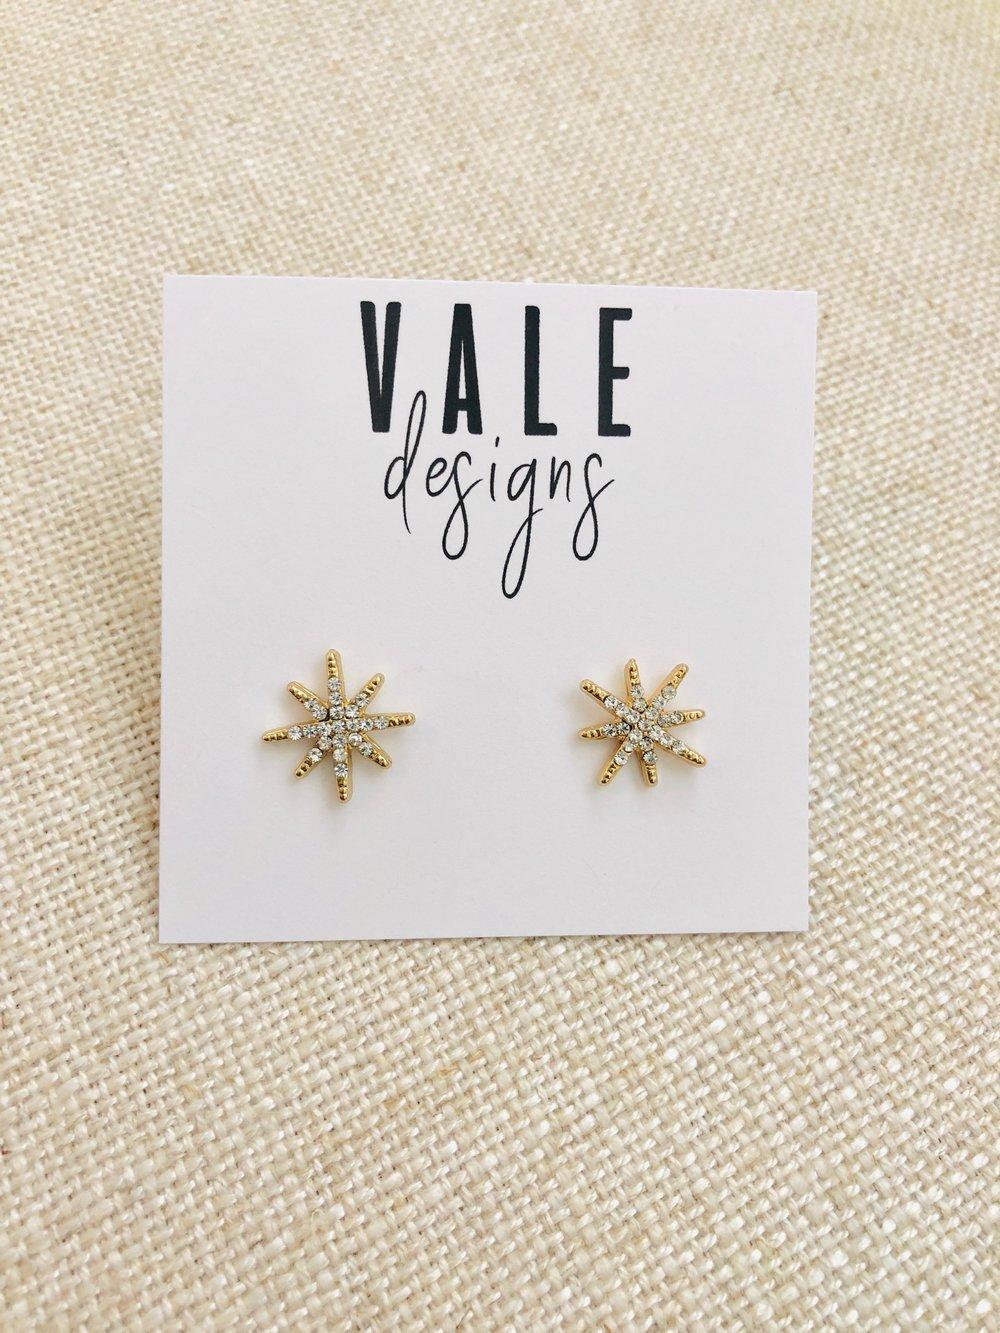 Vale Designs - $25